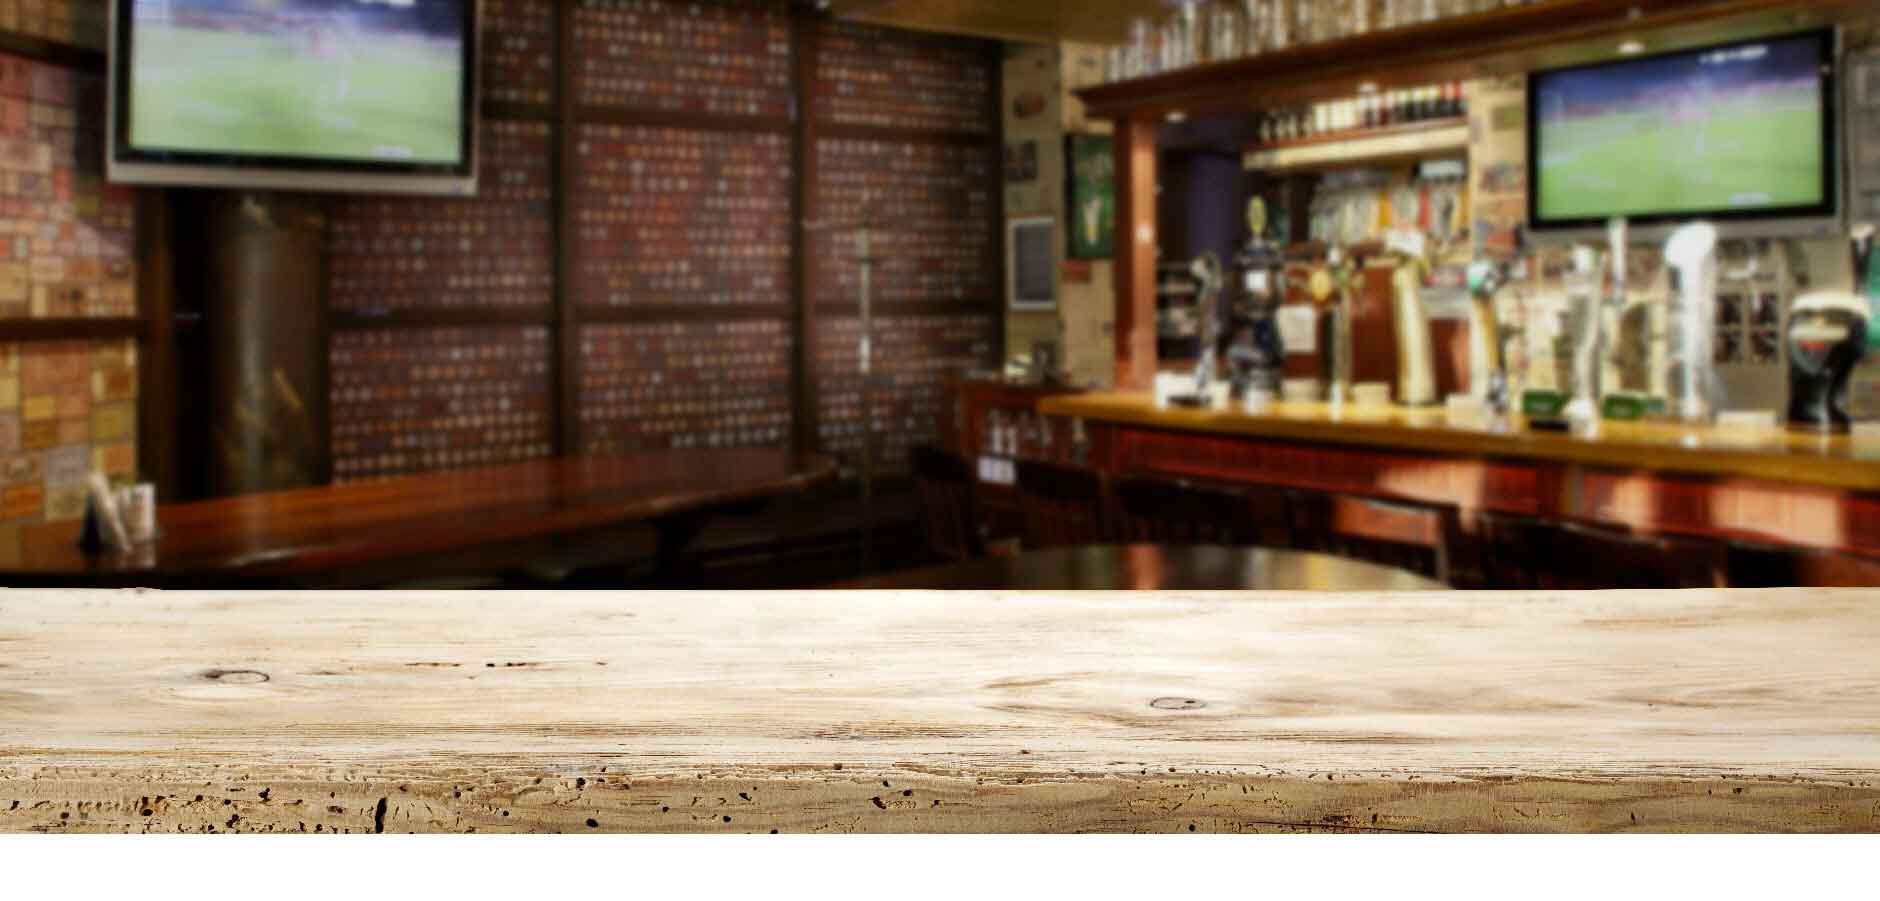 Bancone in legno con il bancone di un bar, con sopra bottiglie di vario tipo, e due schermi tv appesi alle pareti sullo sfondo.